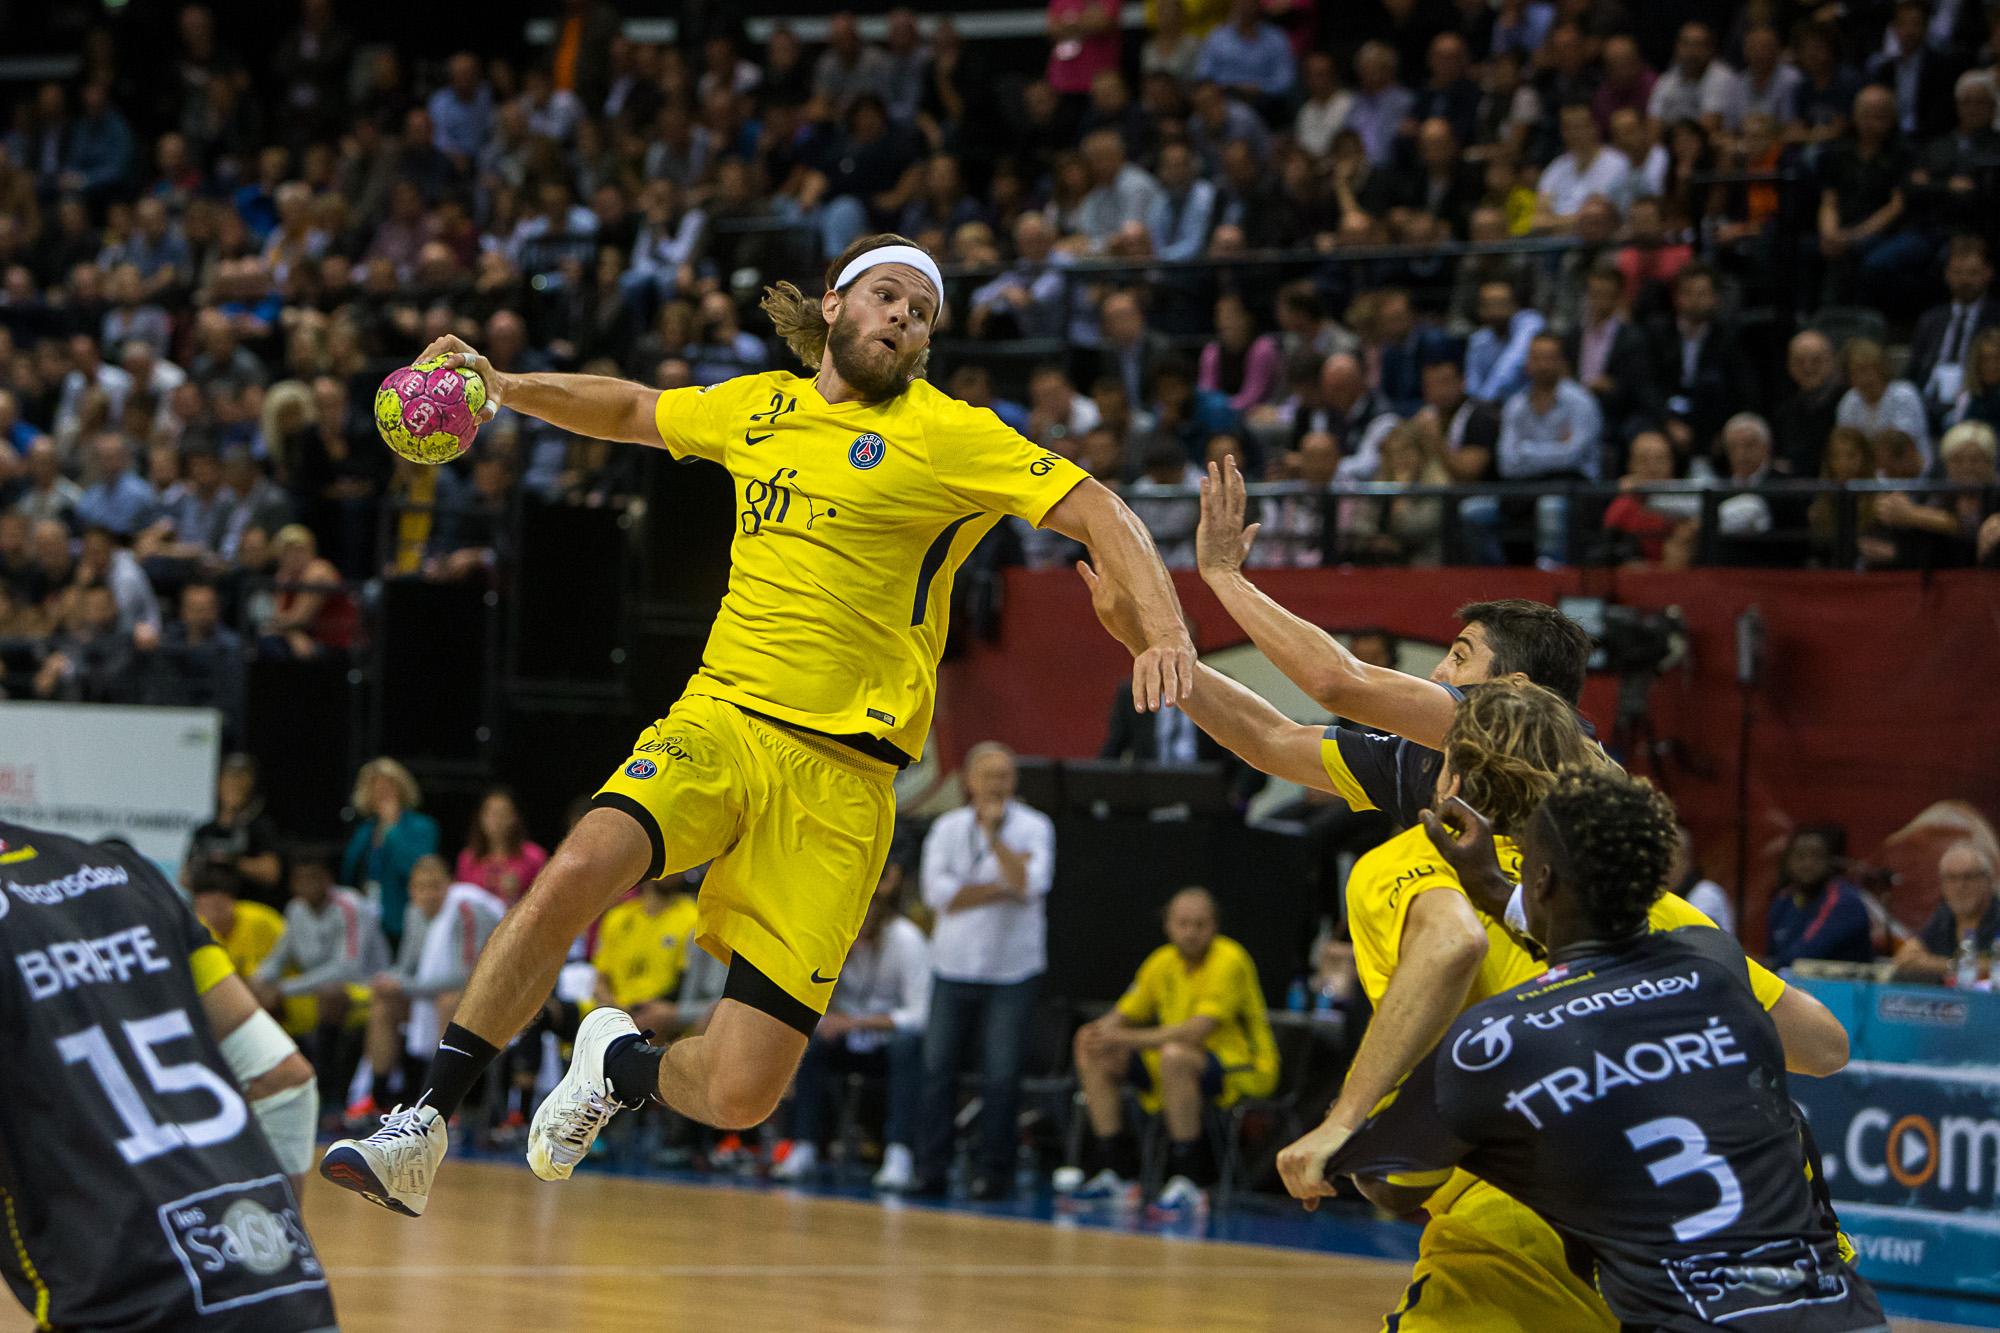 Handball - Division 1 - Le Paris SG ne tergiverse pas à Chambéry